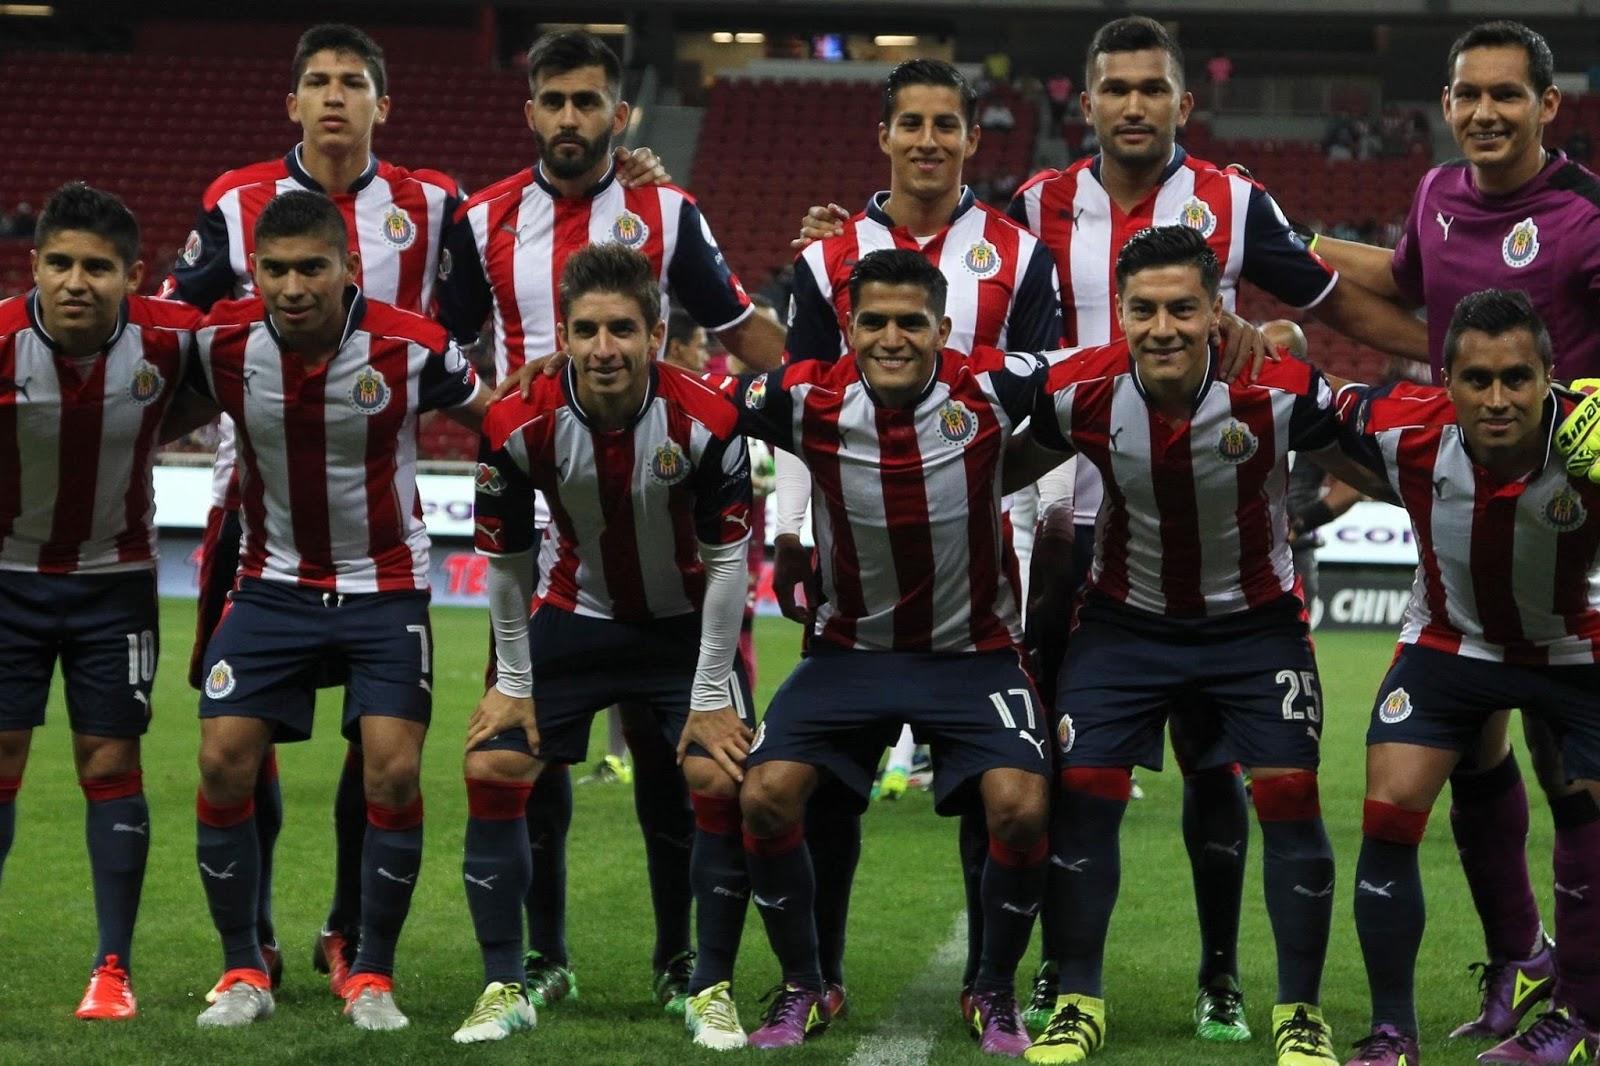 La plantilla del Guadalajara.